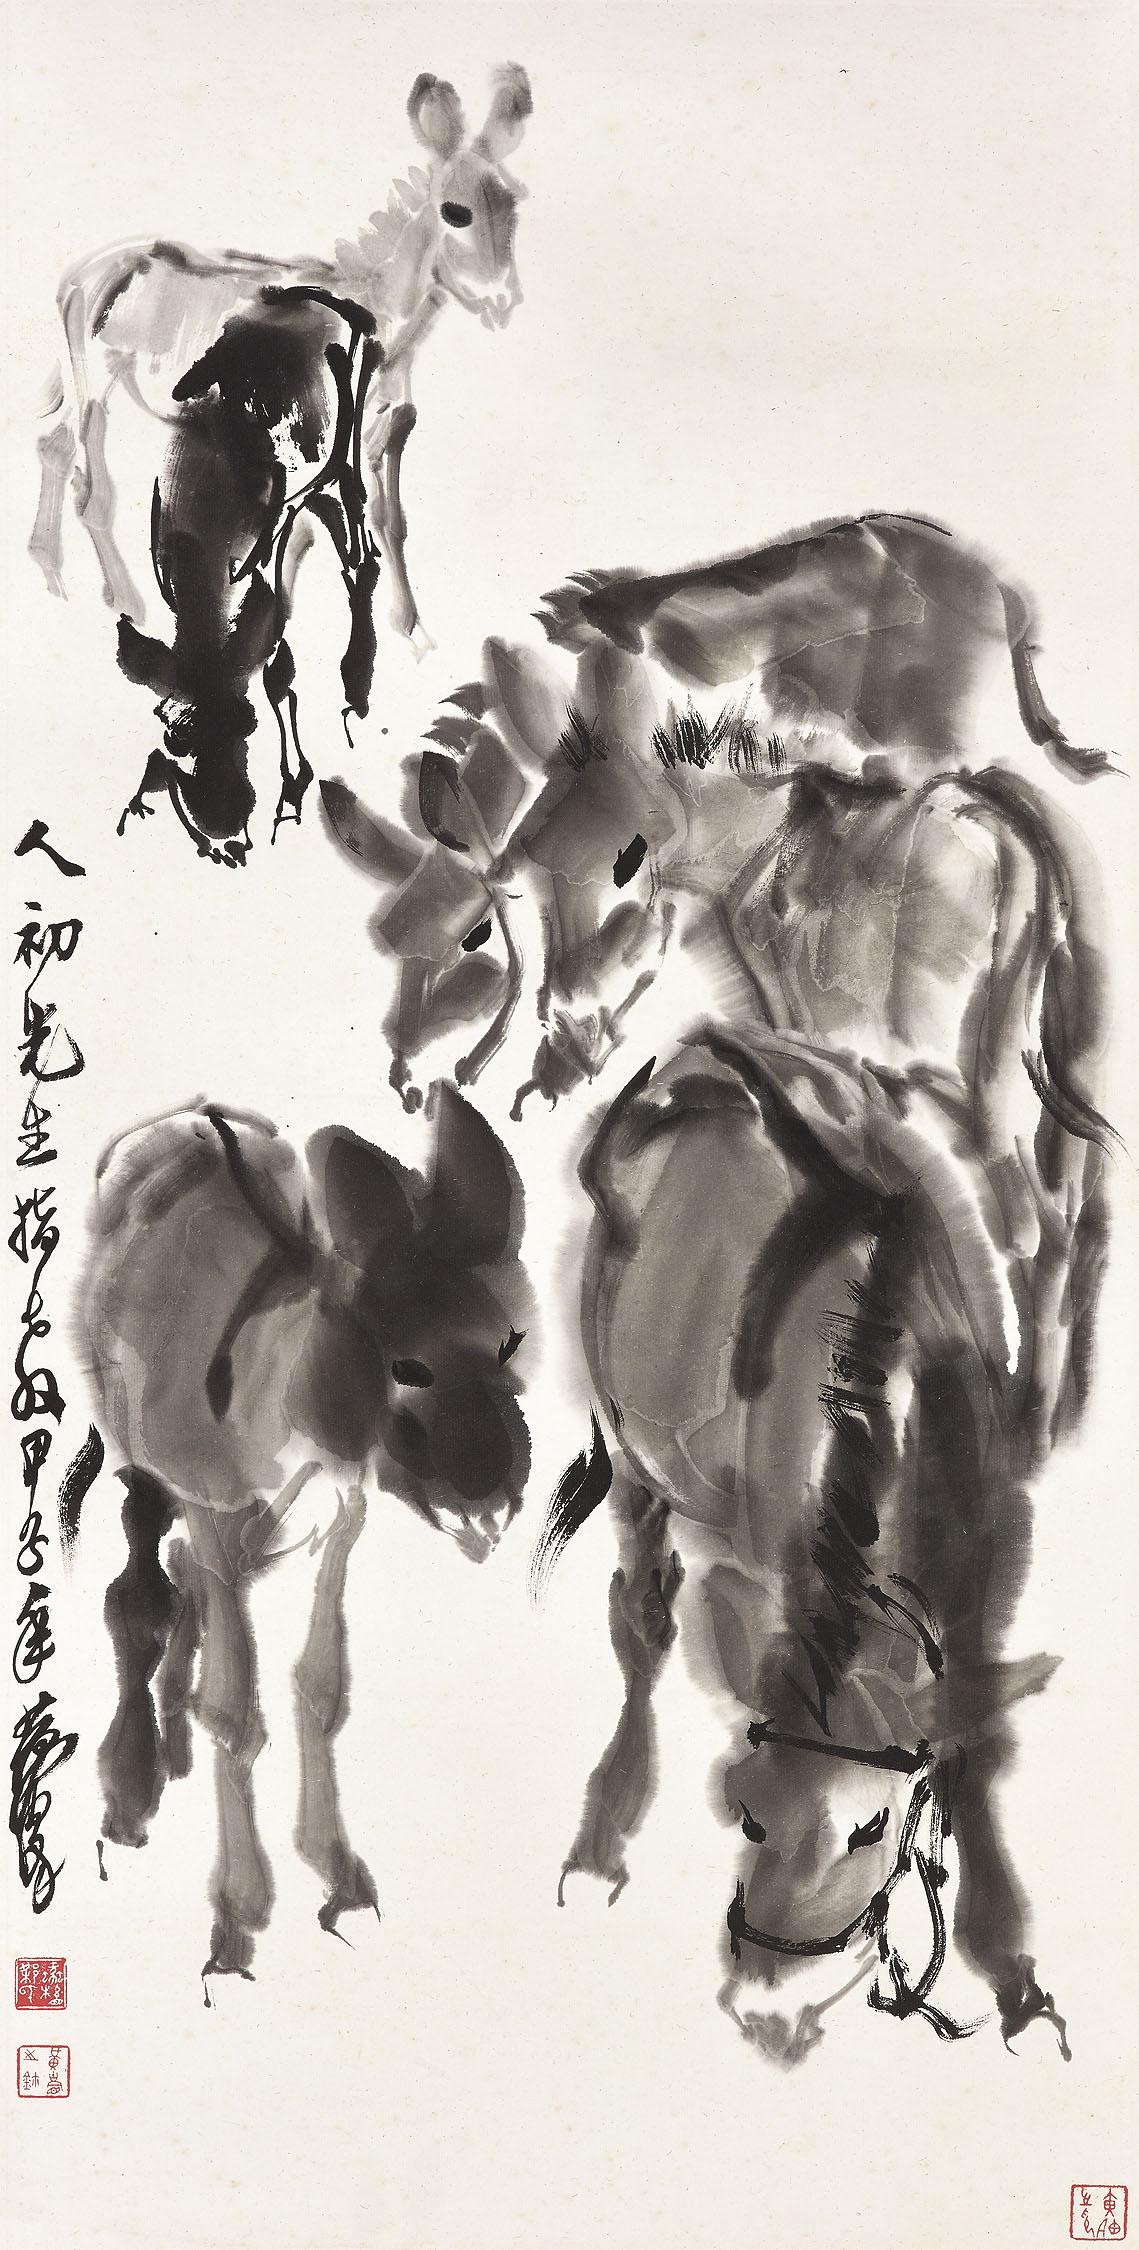 HUANG ZHOU (1925-1997)